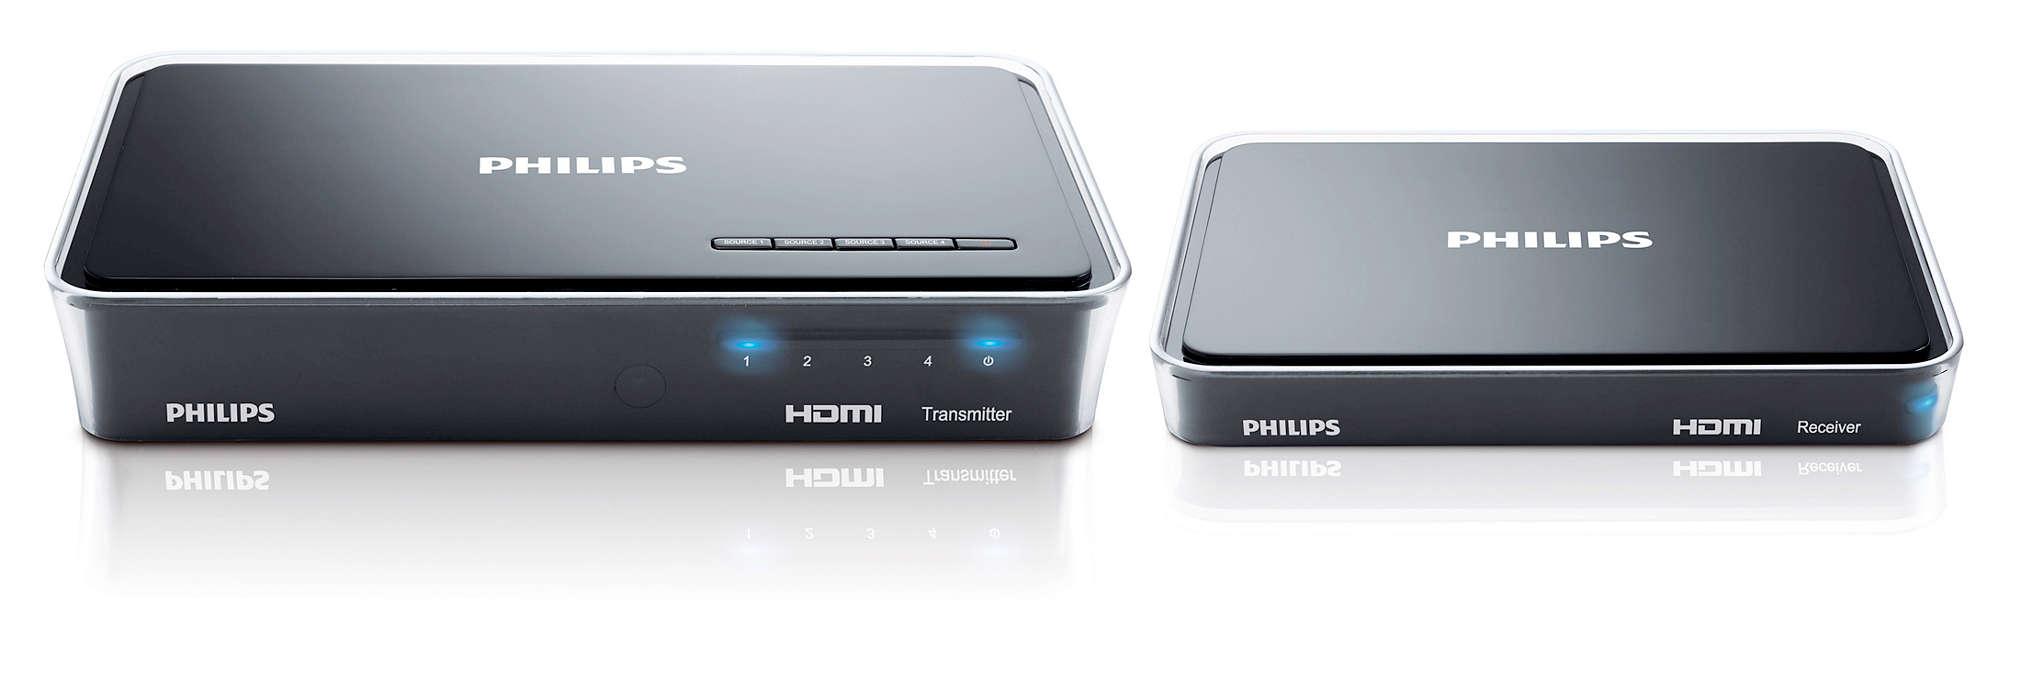 Befreien Sie Ihren HD-Fernseher